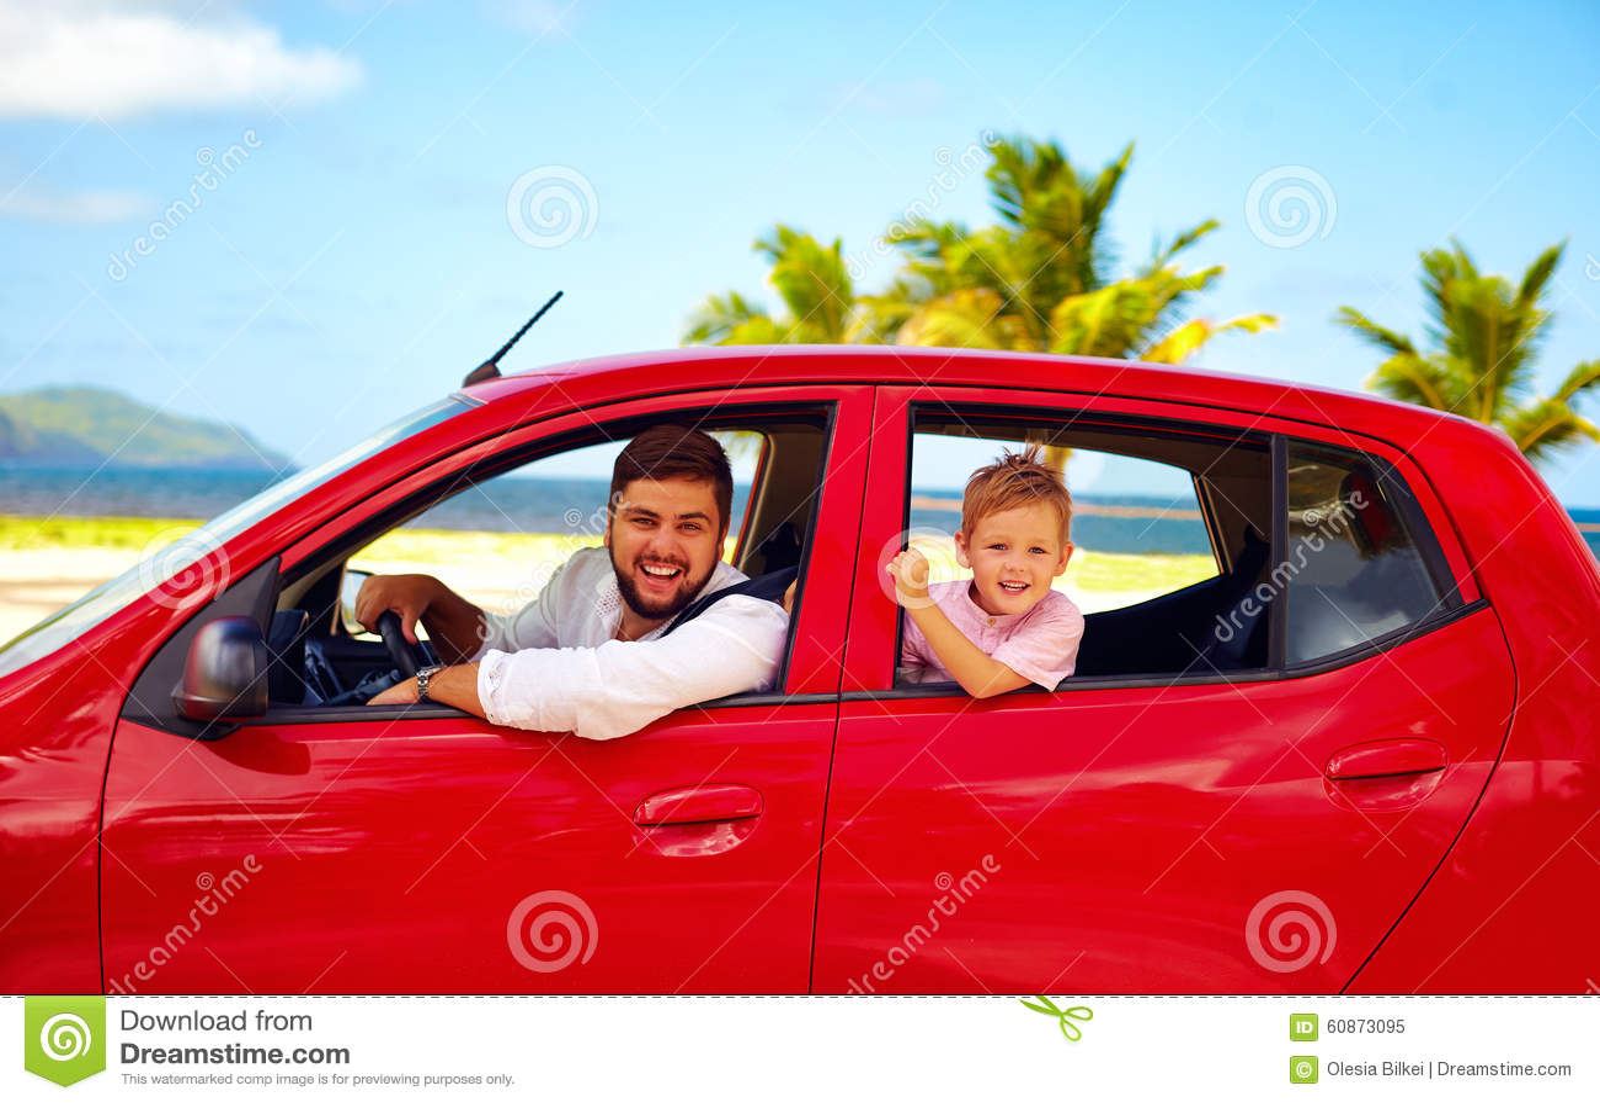 Padre feliz e hijo que viajan en el coche el vacaciones de verano